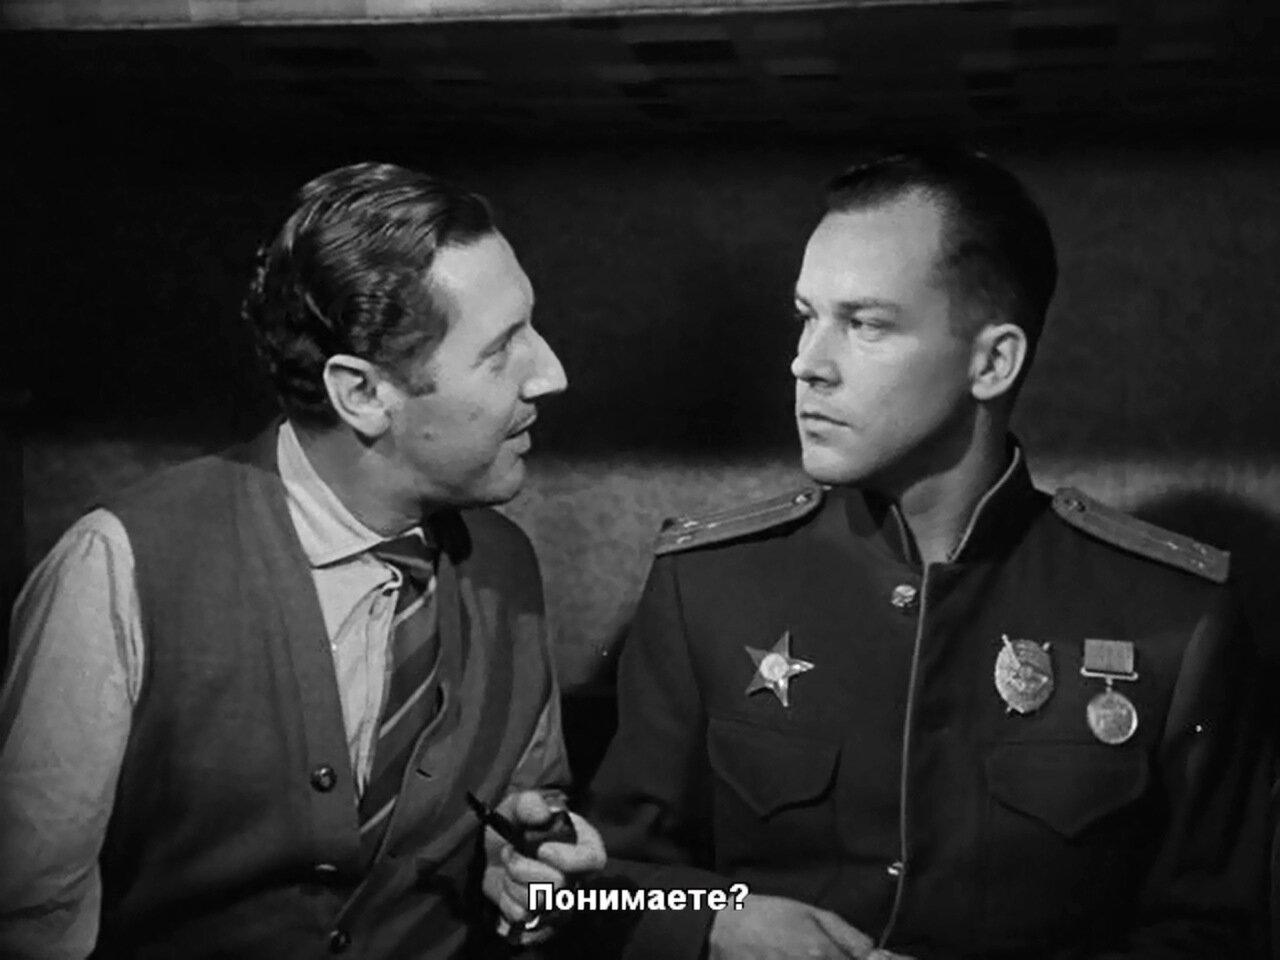 04. Британец и русский